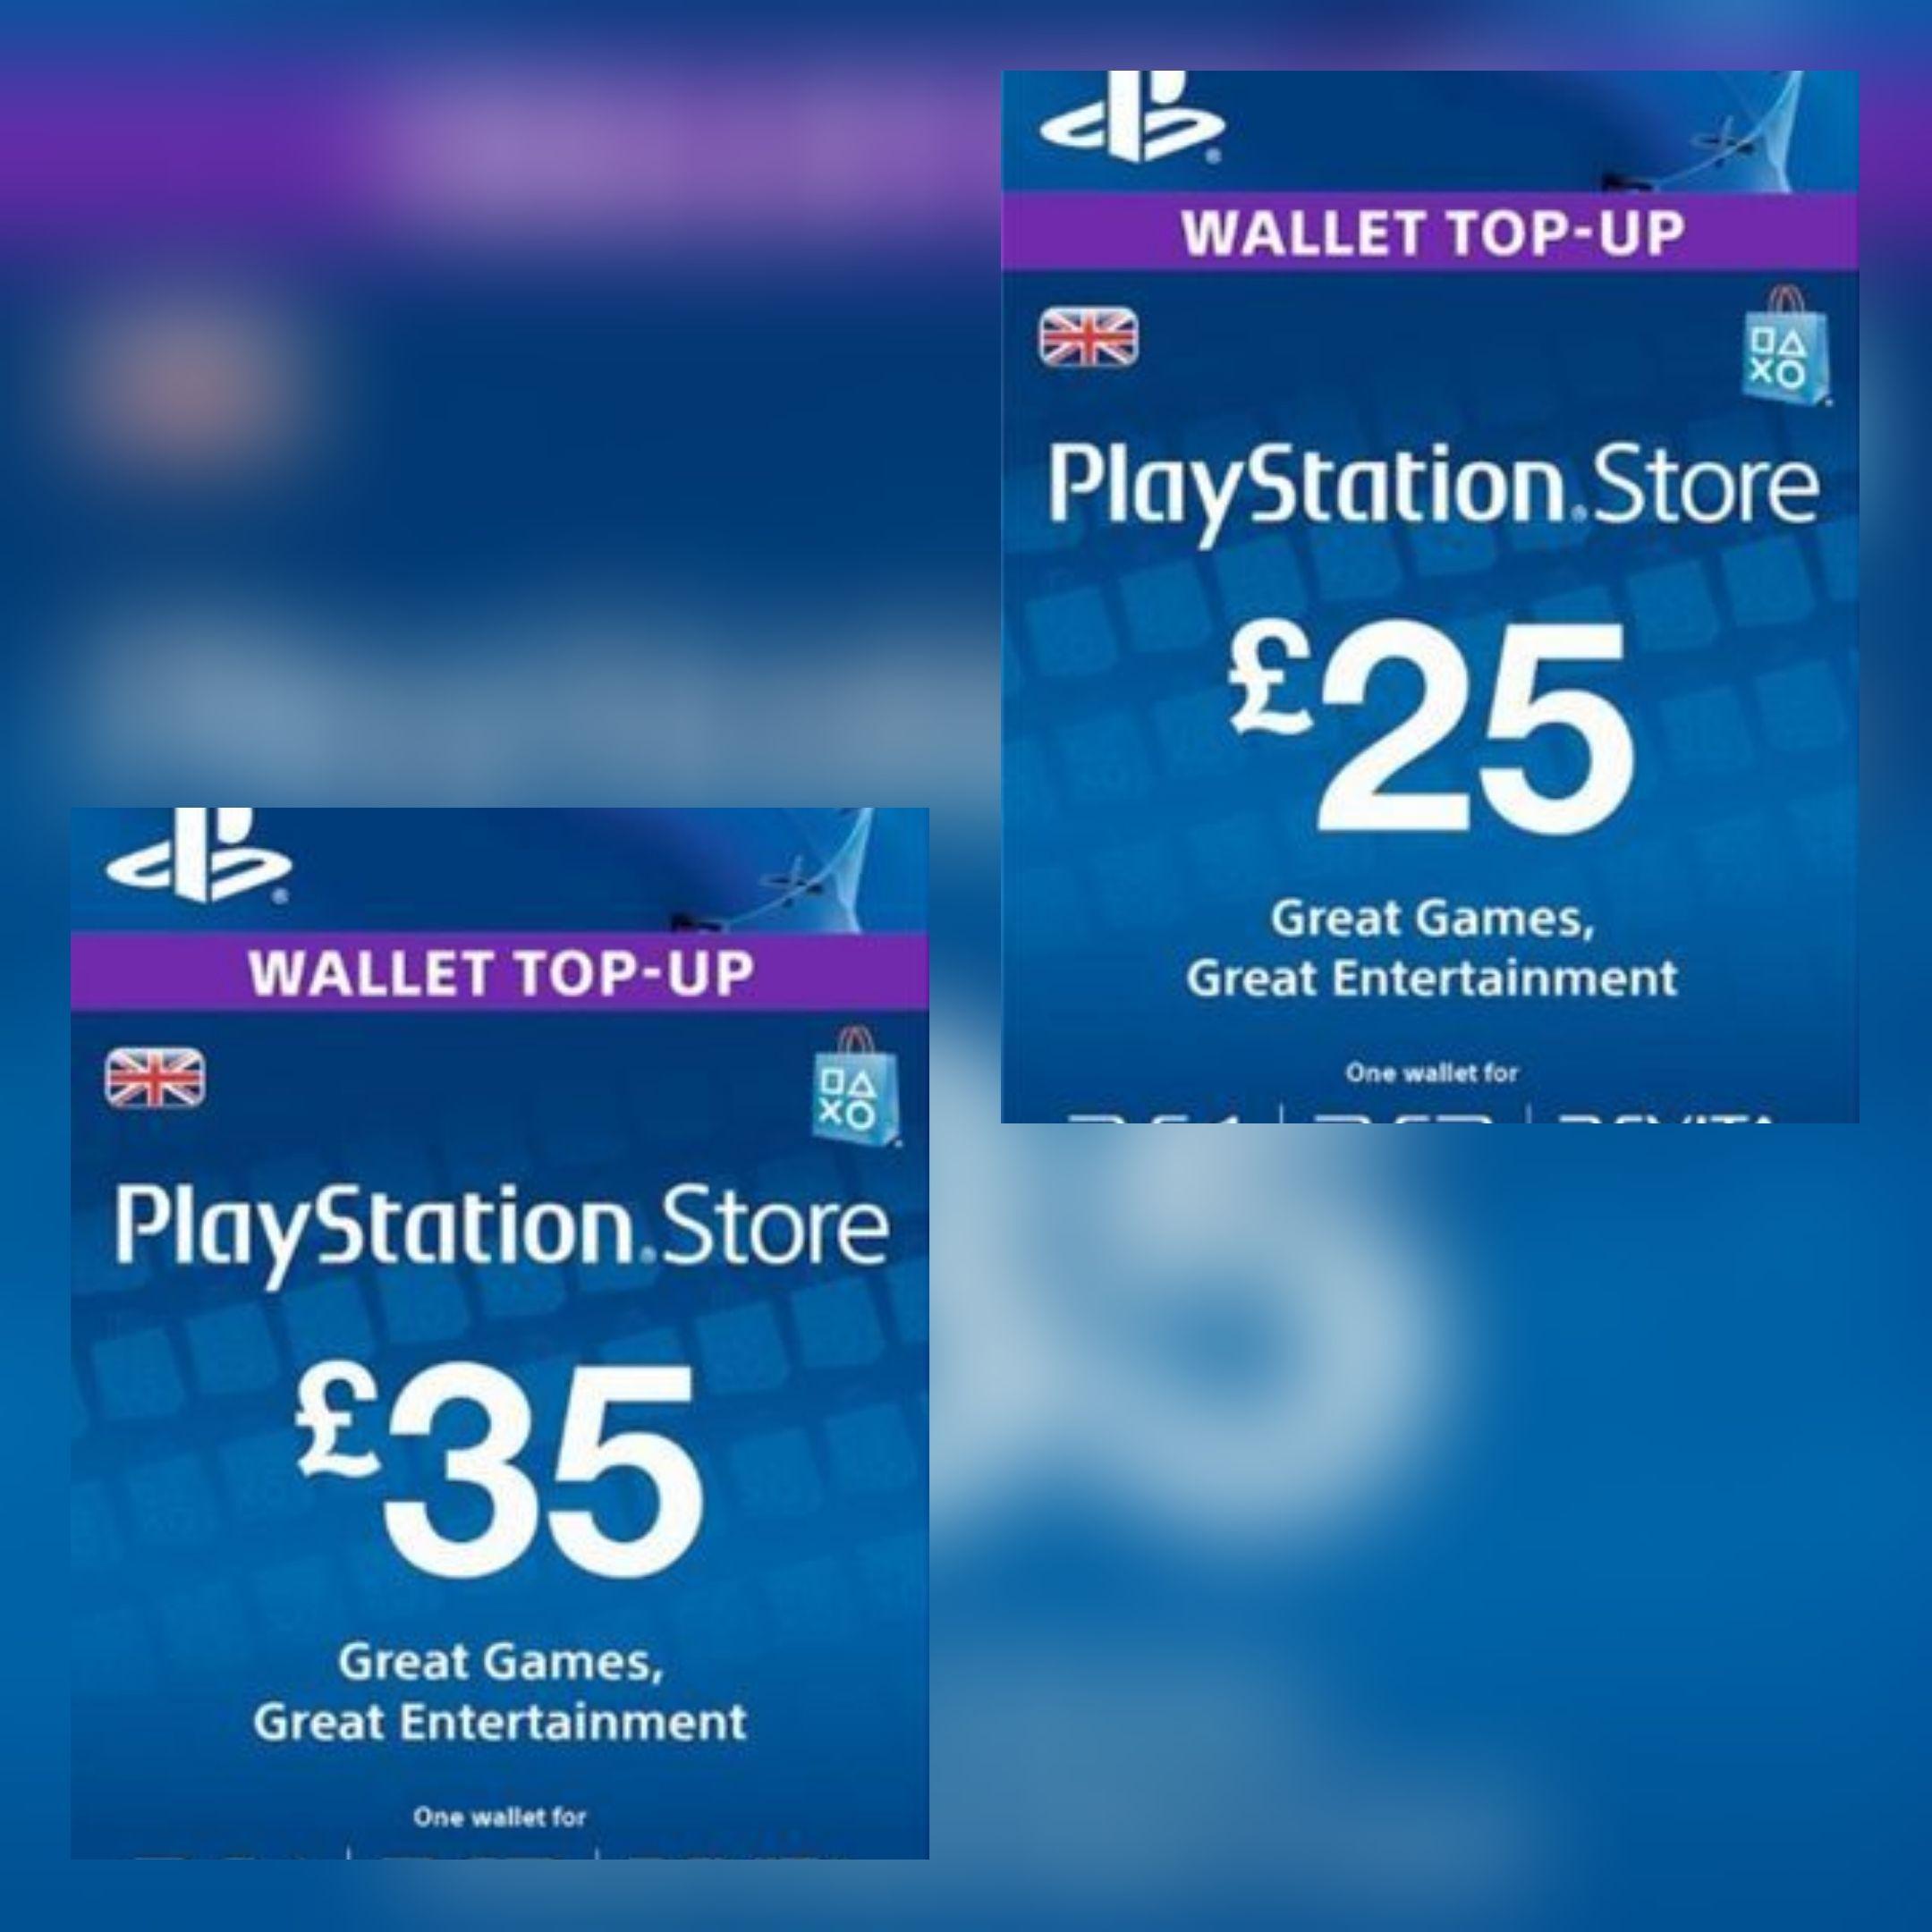 25 PlayStation PSN Card UK £21 02 // £35 PSN Card £29 70